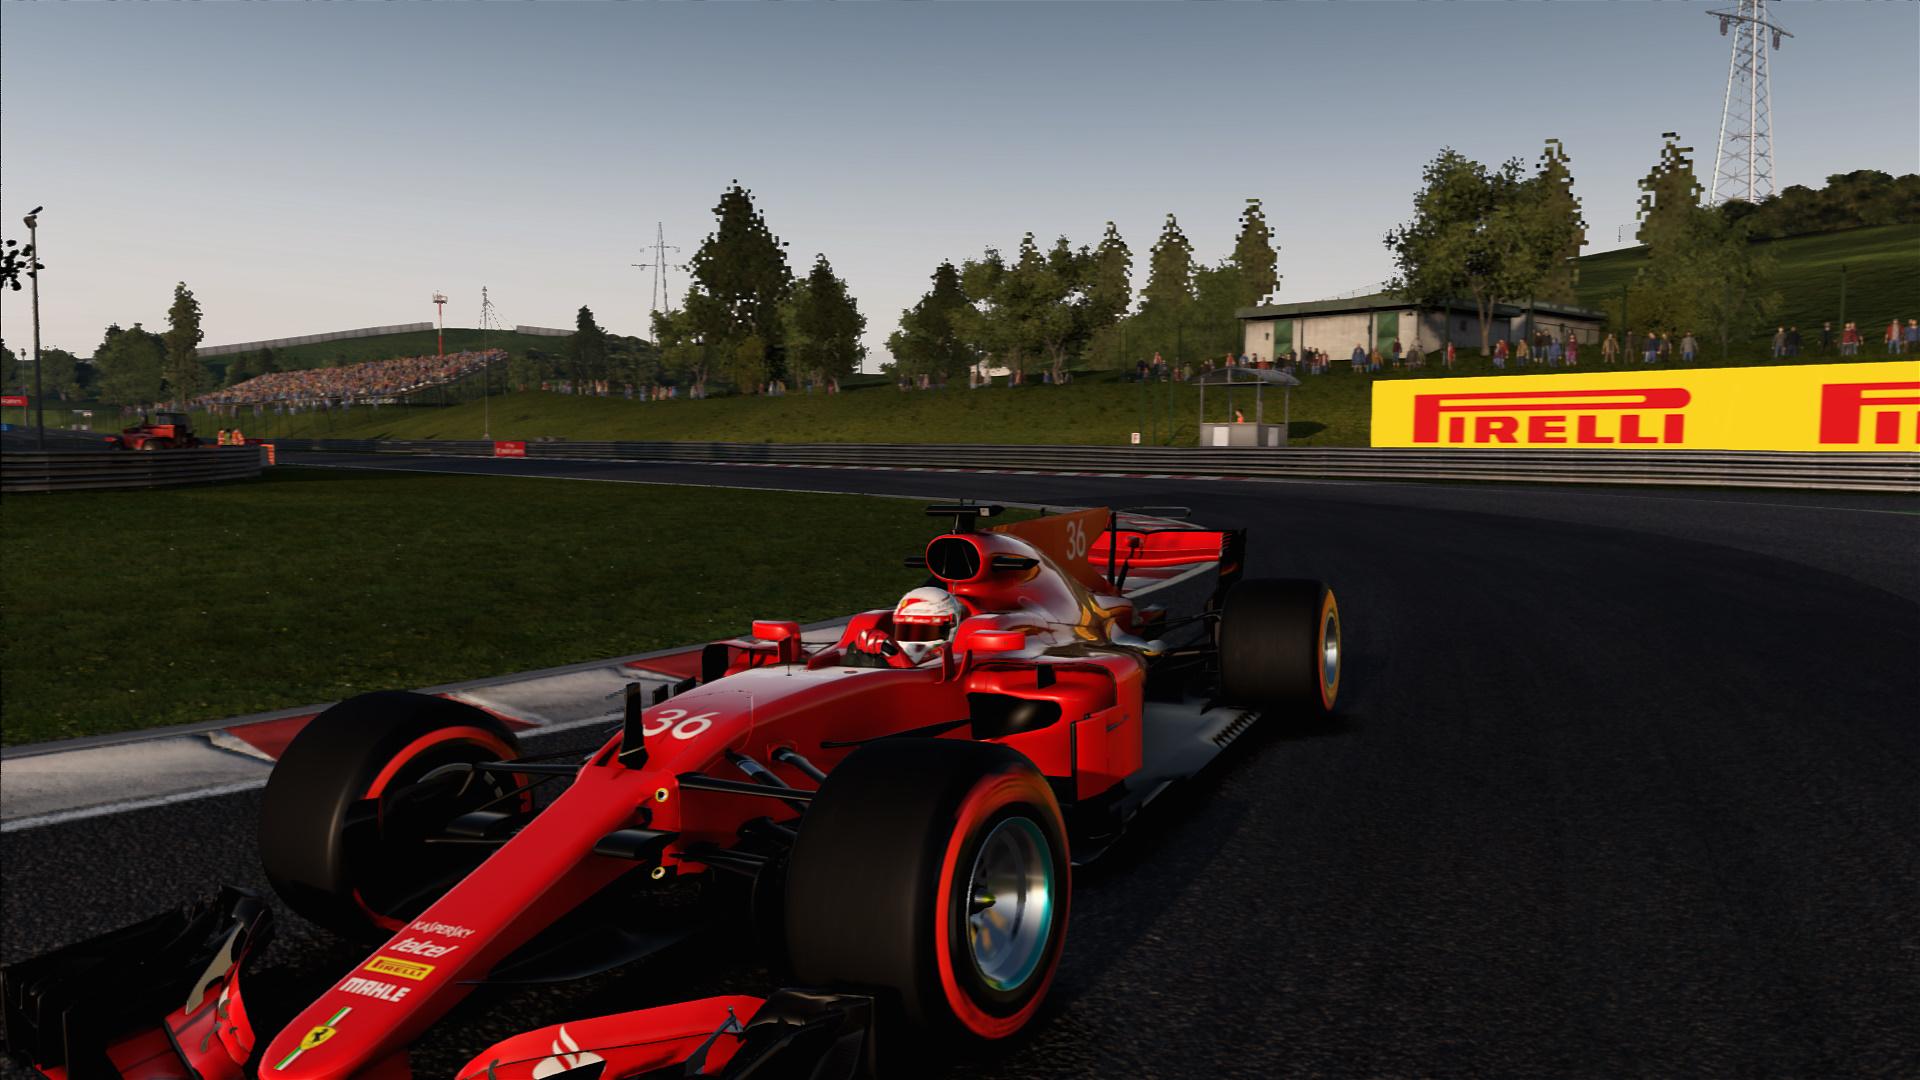 F1_2017 2018-01-05 19-57-32-166.jpg